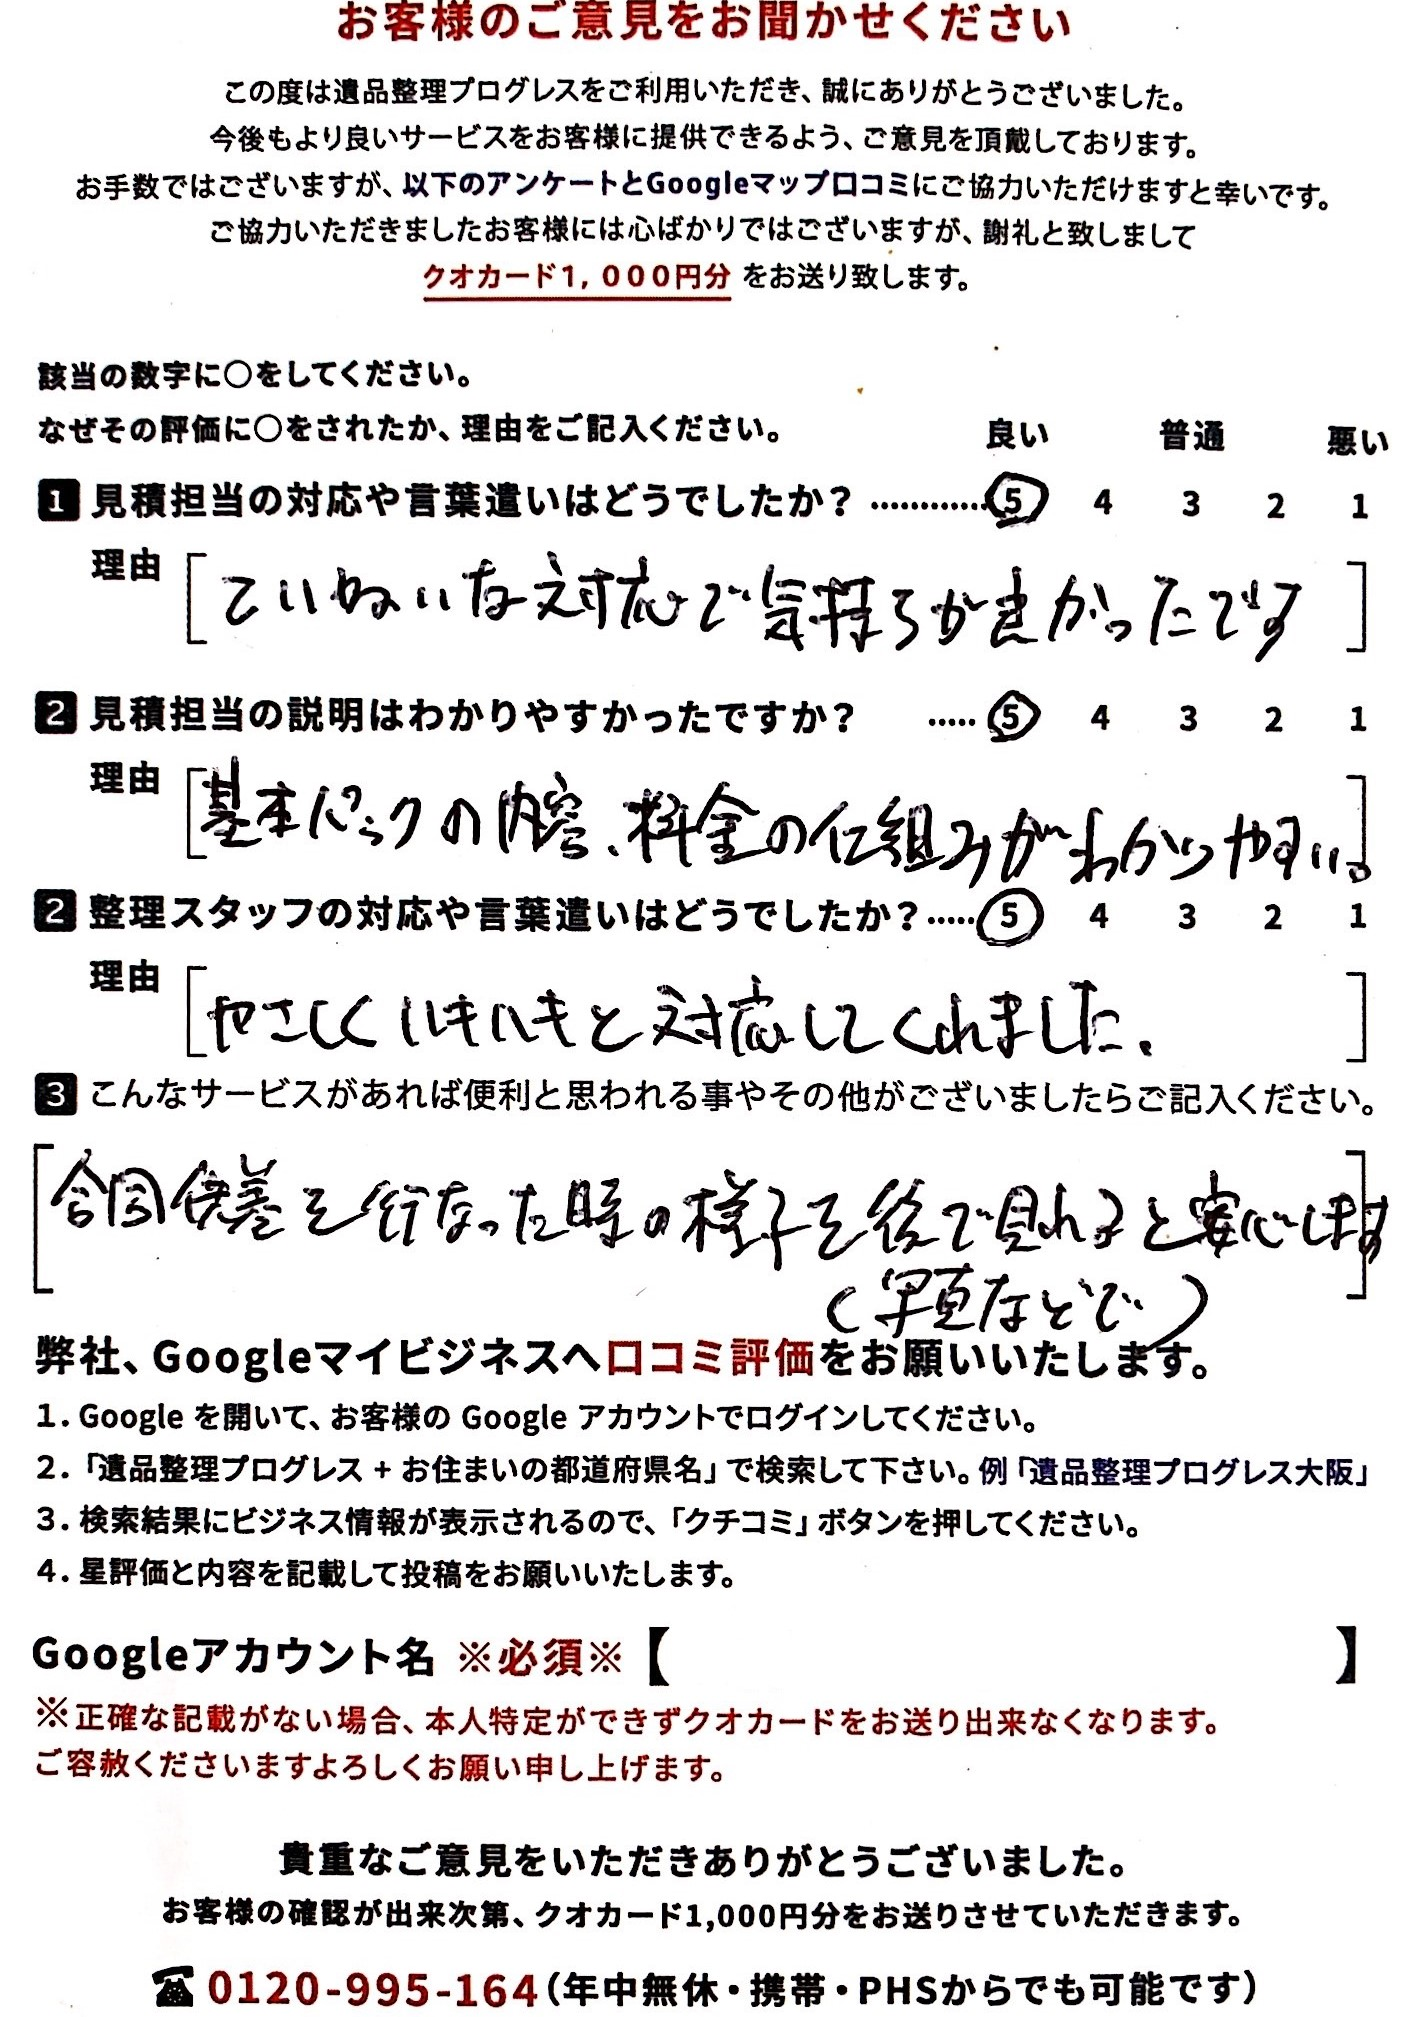 東京都江東区 I・H様のアンケート用紙